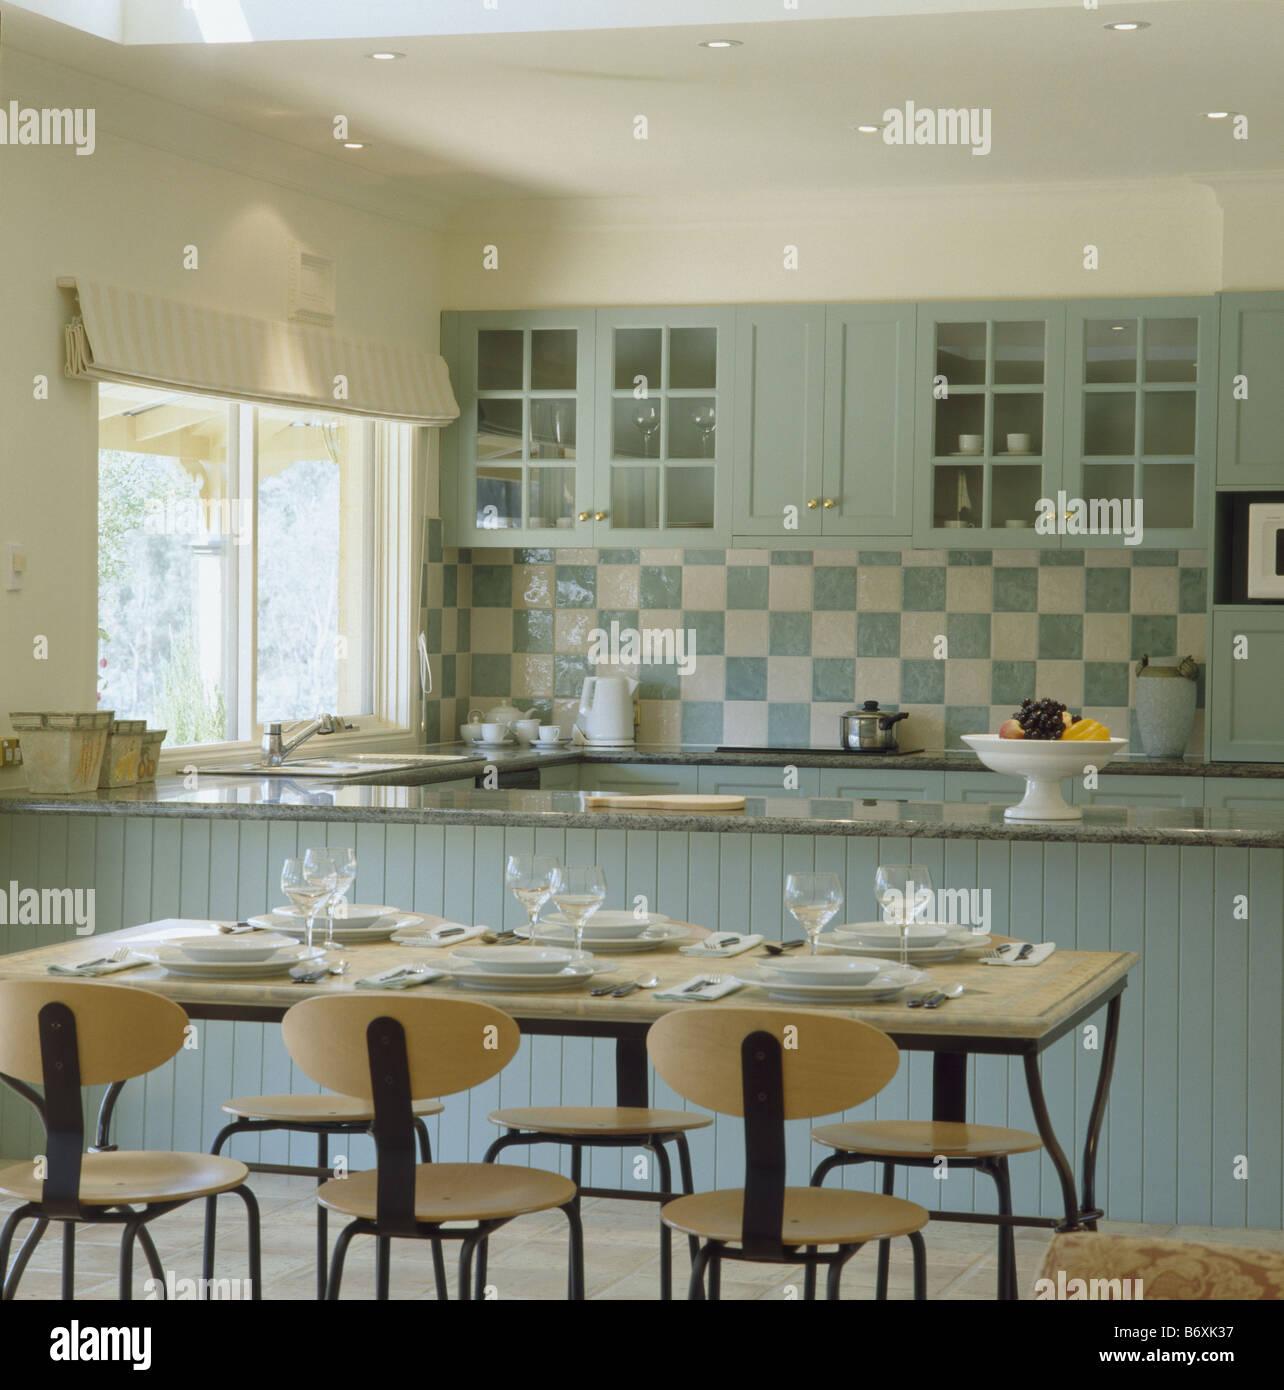 Tavolo moderno e sedie in una cucina sala da pranzo camera con tonalit di colore turchese e le - Camera da pranzo moderna ...